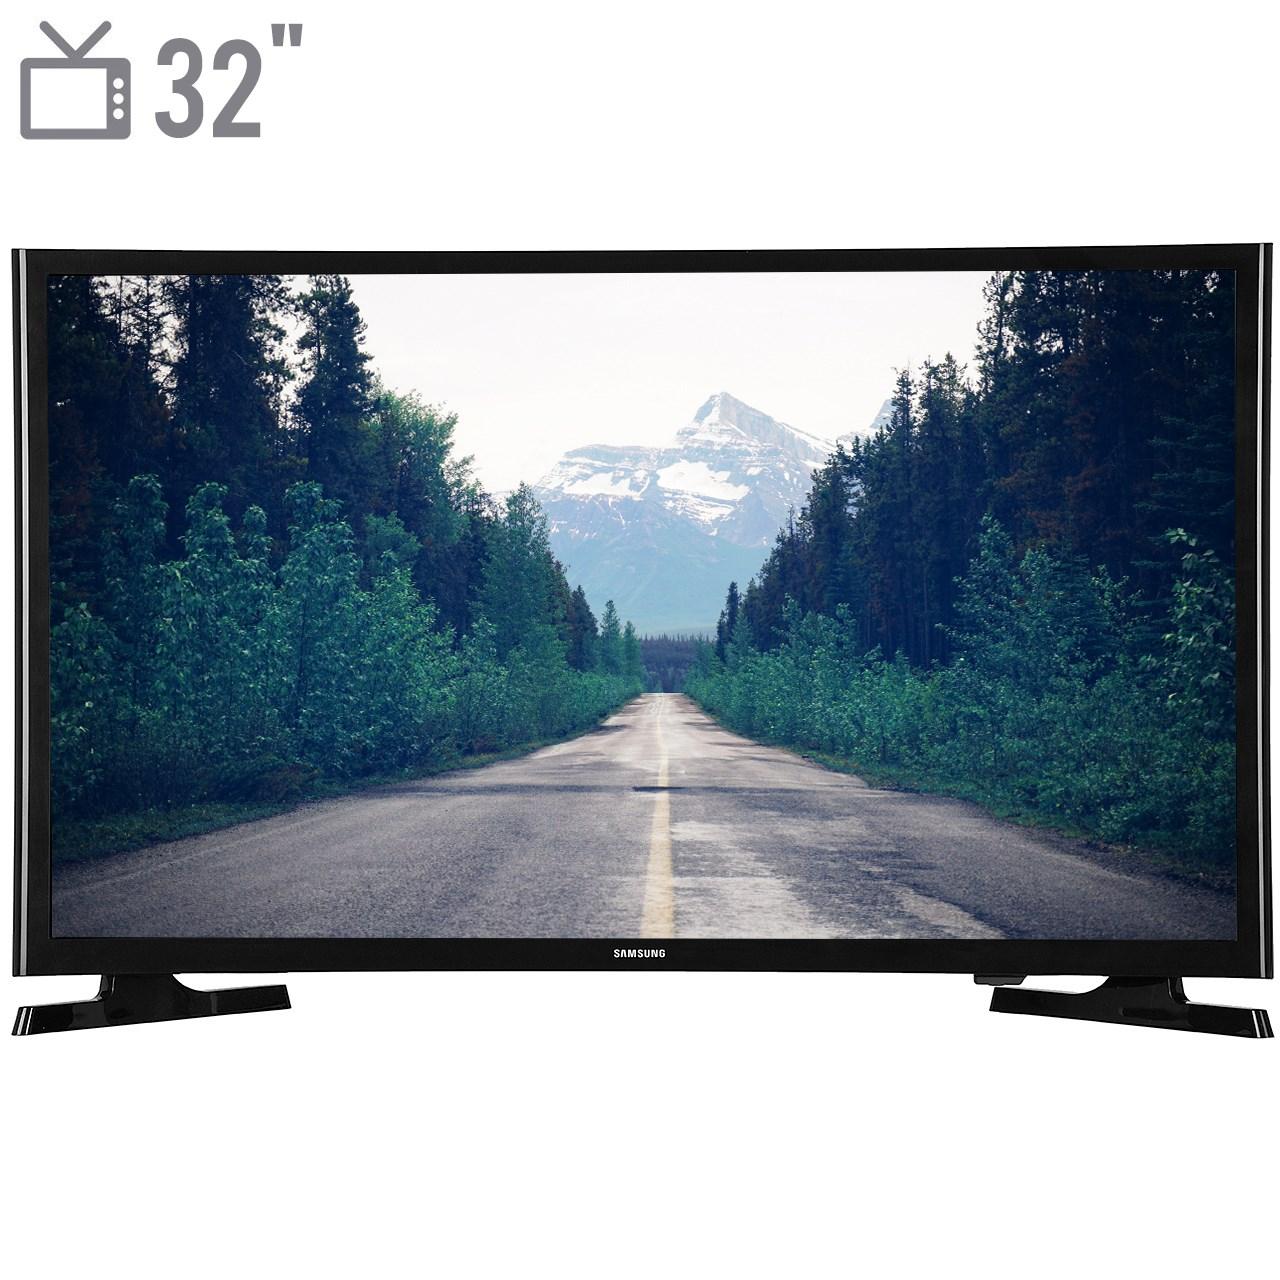 تلویزیون ال ای دی سامسونگ مدل 32M4850 سایز 32 اینچ | Samsung 32M4850 LED TV 32 Inch